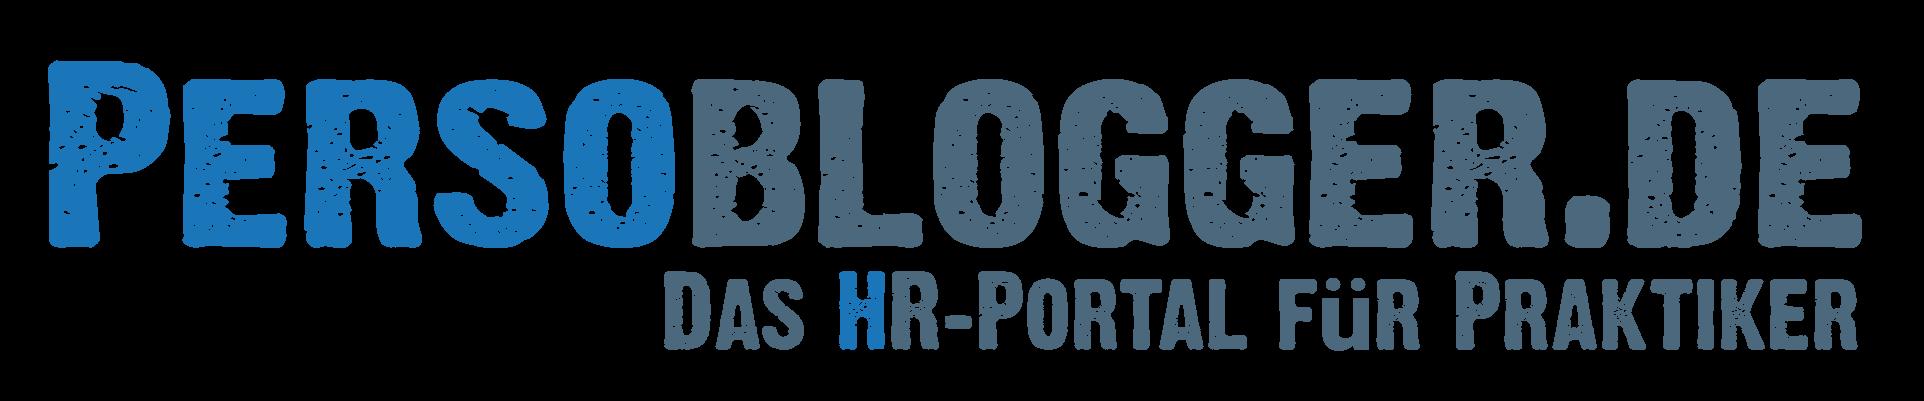 Persoblogger.de Logo